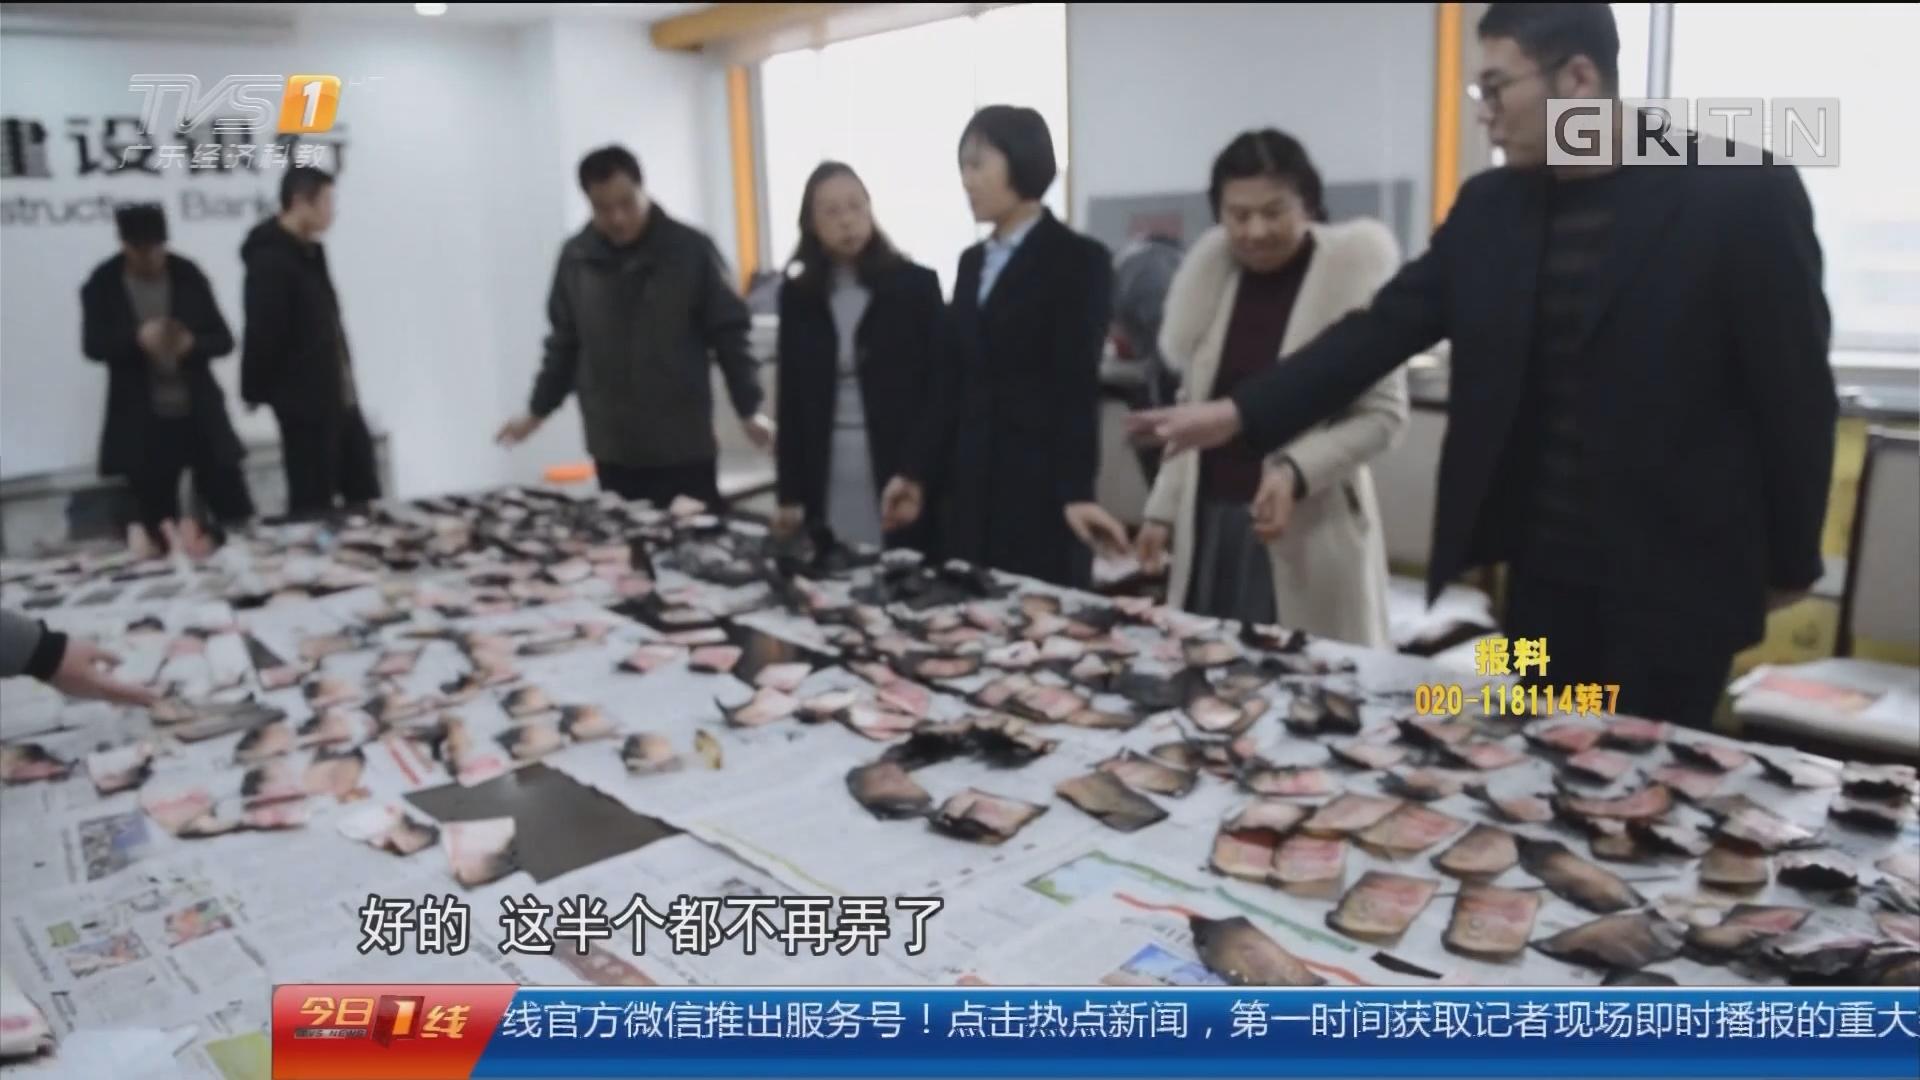 江苏徐州:40万现金放冰箱 起火被烧